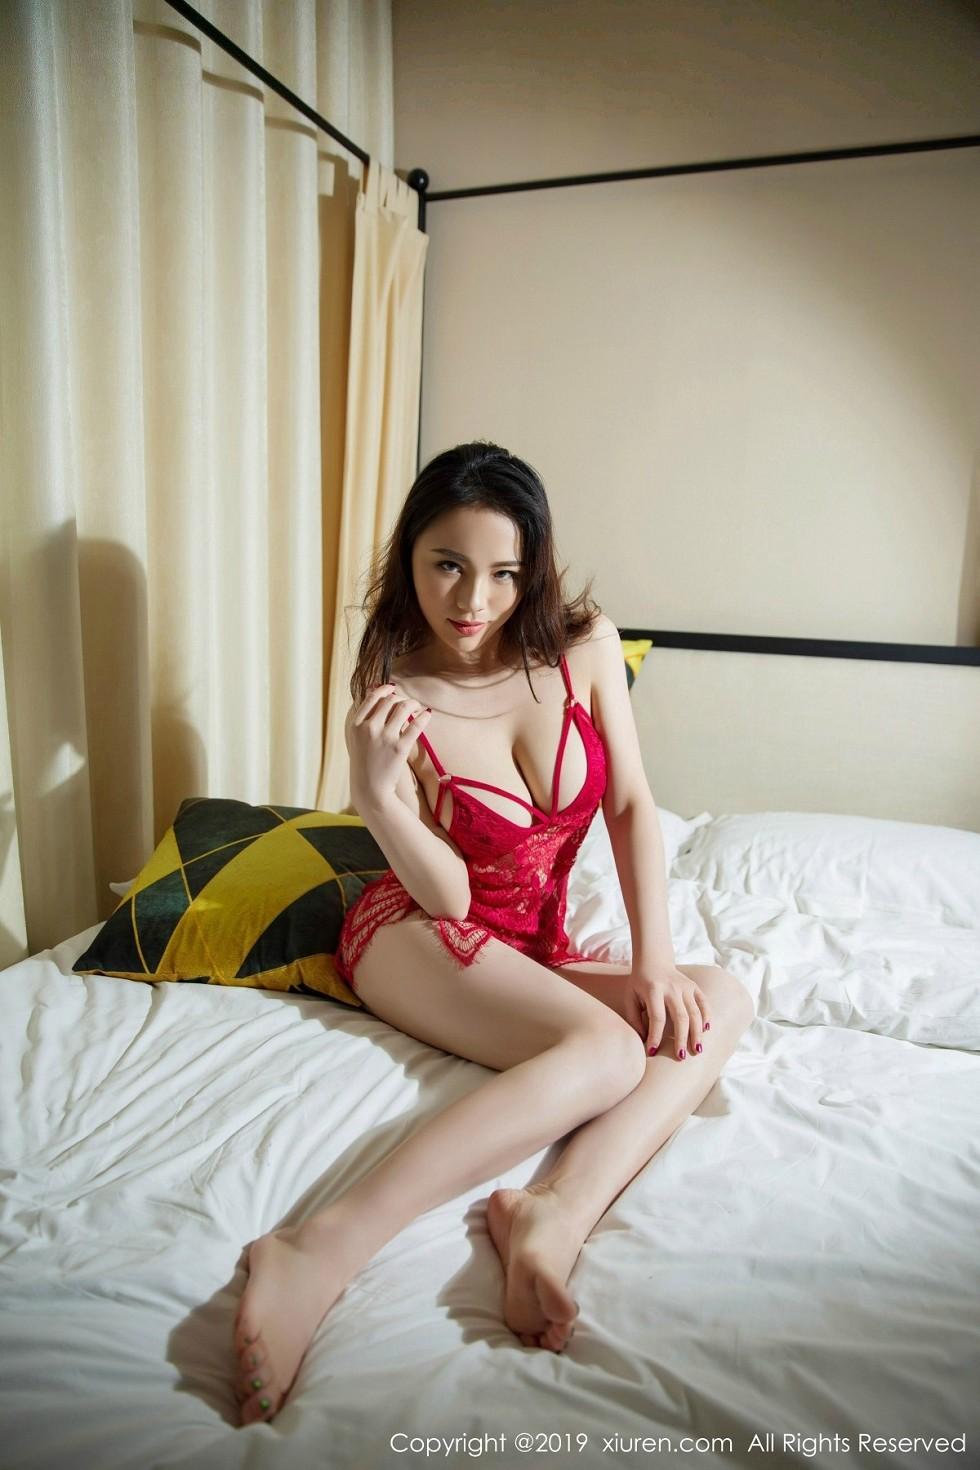 嫩模蕊蕊ruirui私房红色缕空情趣内衣秀完美身材惹火诱惑无圣光写真45P